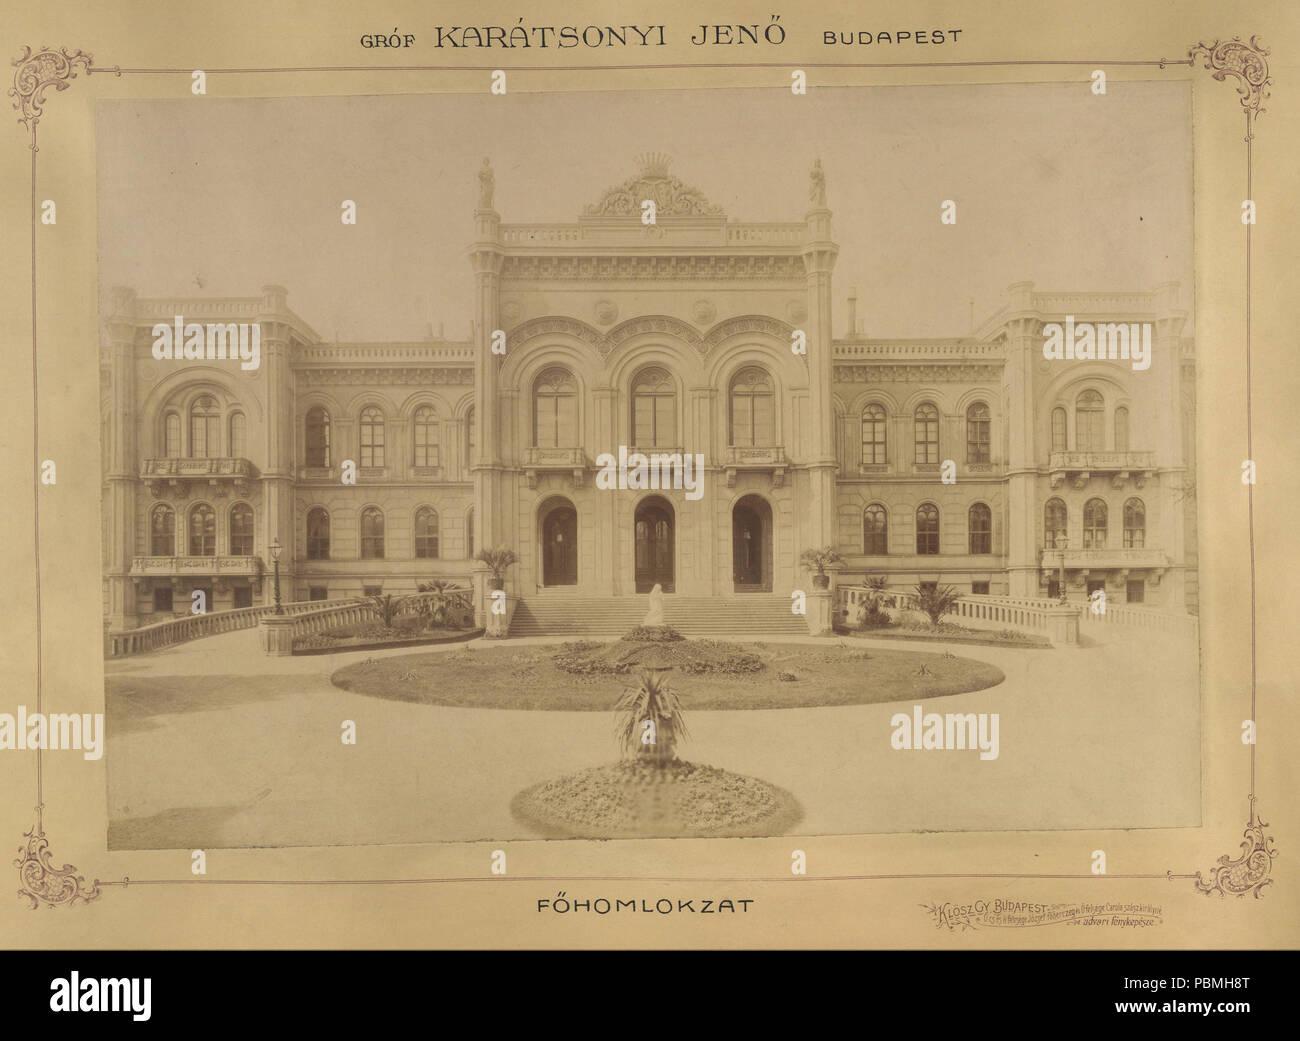 868 Krisztina körút 55., a Karátsonyi-palota (lebontották) főhomlokzata. A felvétel 1895-1899 között készült. A kép Fortepan - Budapest Főváros Levéltára. Levéltári jelzet- HU.BFL.XV.19.d.1.11.070 Fortepan 83162 - Stock Image